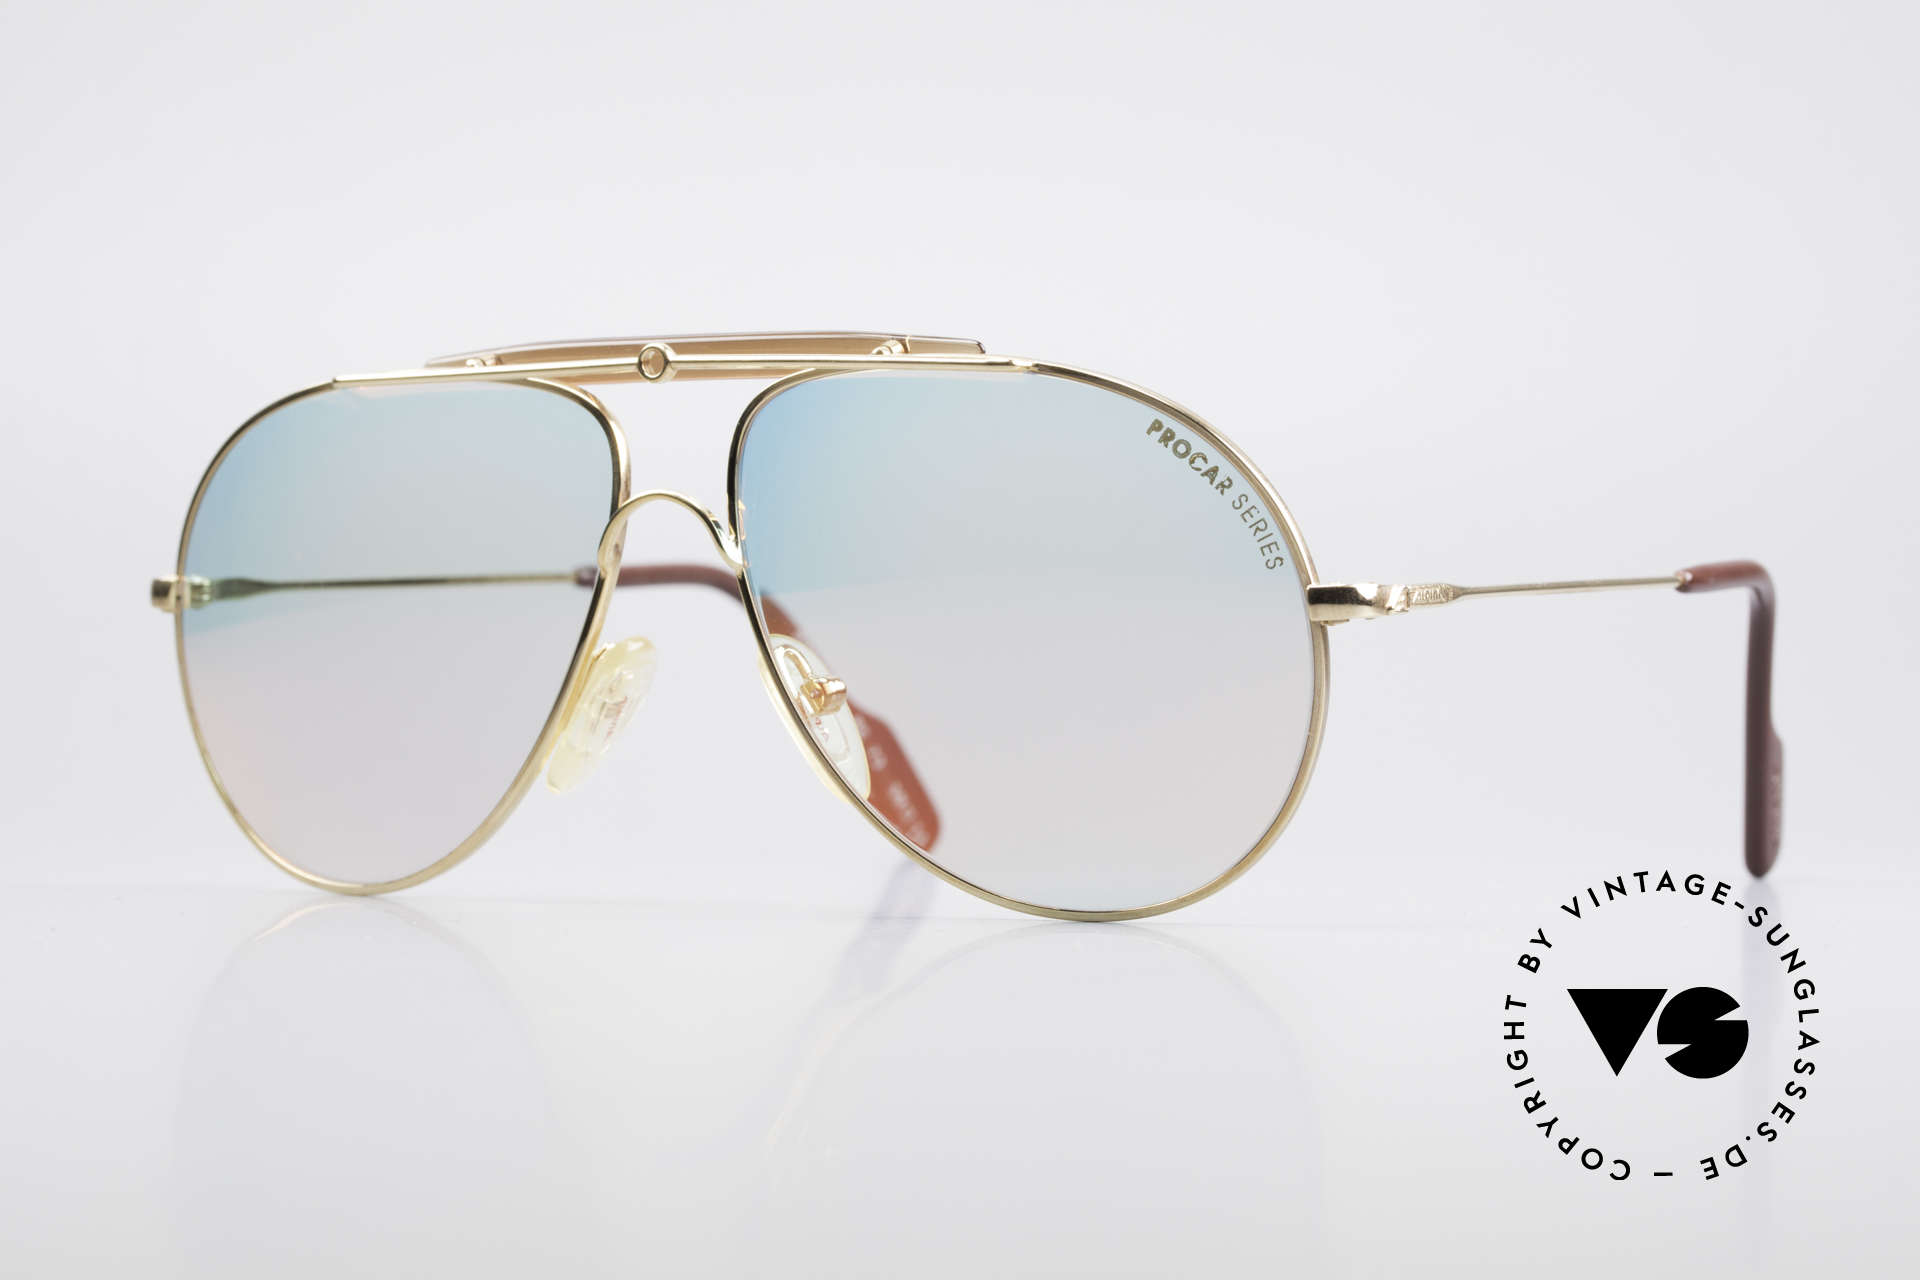 Alpina PC73 ProCar Serie Sonnenbrille Men, 'PC' = legendäre Procar Serie von ALPINA aus den 90ern, Passend für Herren und Damen